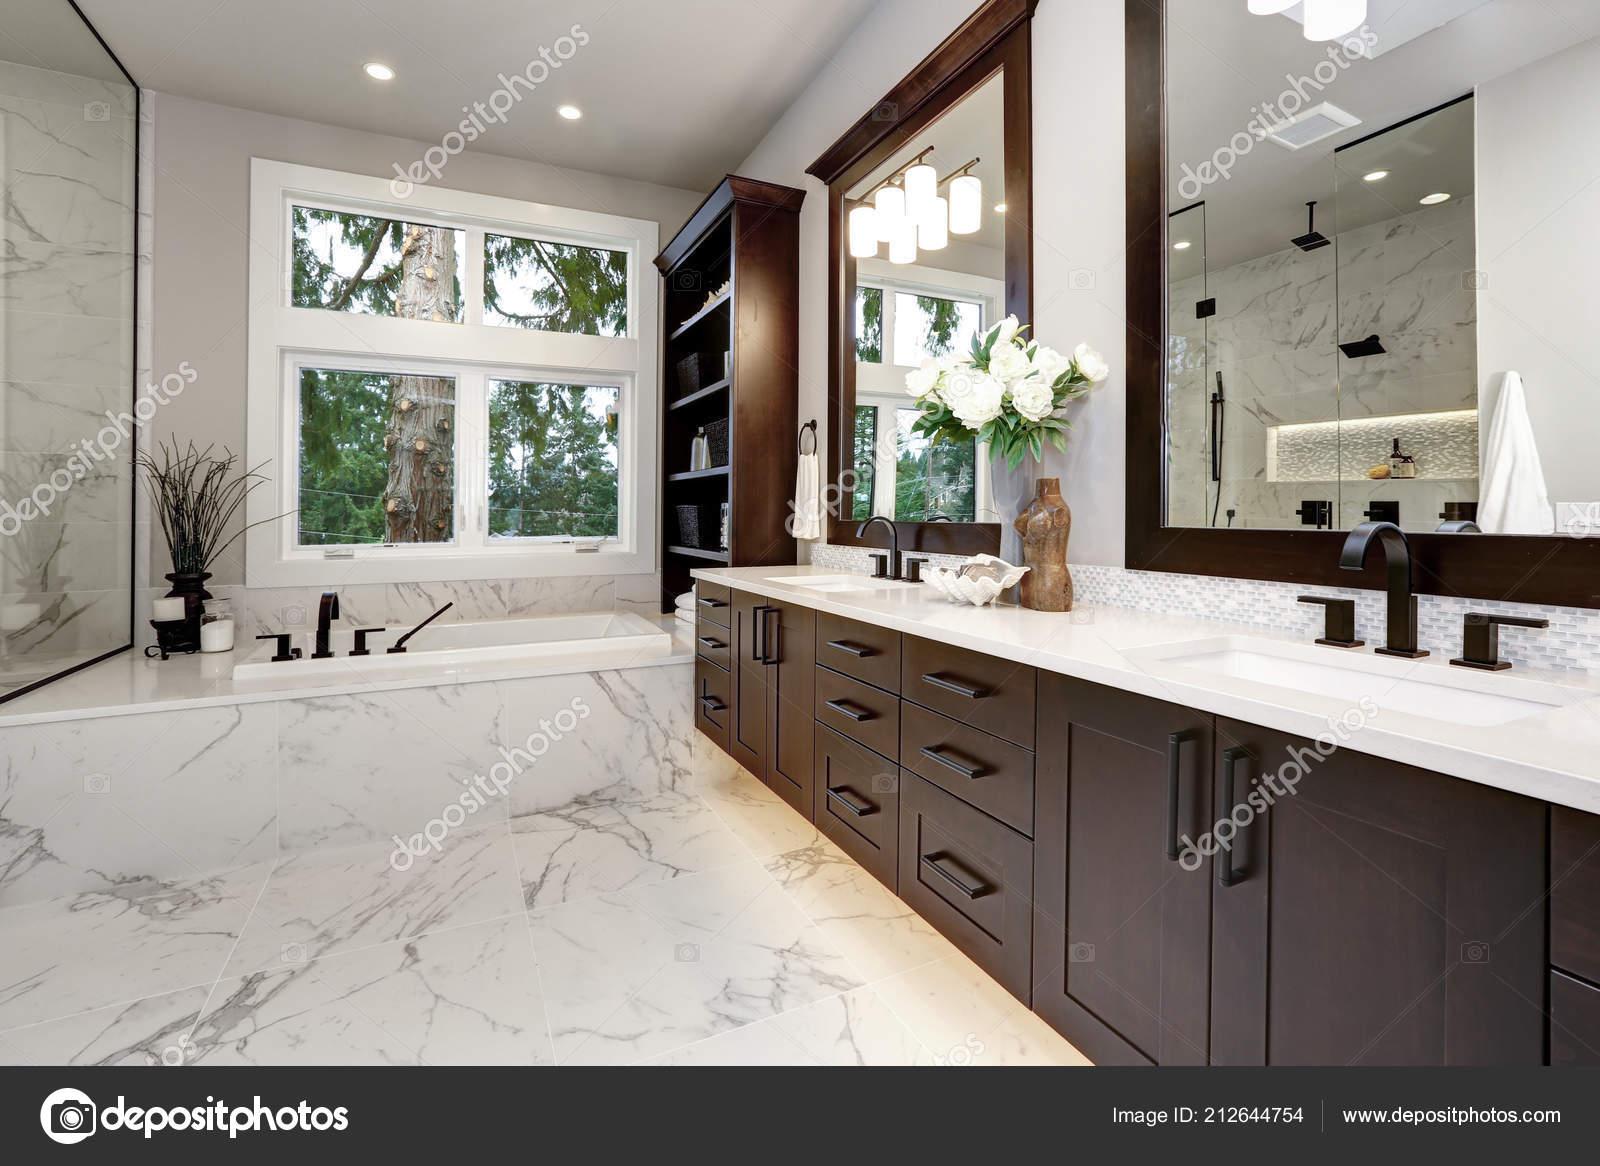 Mobili Di Lusso Moderni : Interno bagno padronale casa lusso moderno con mobili legno scuro